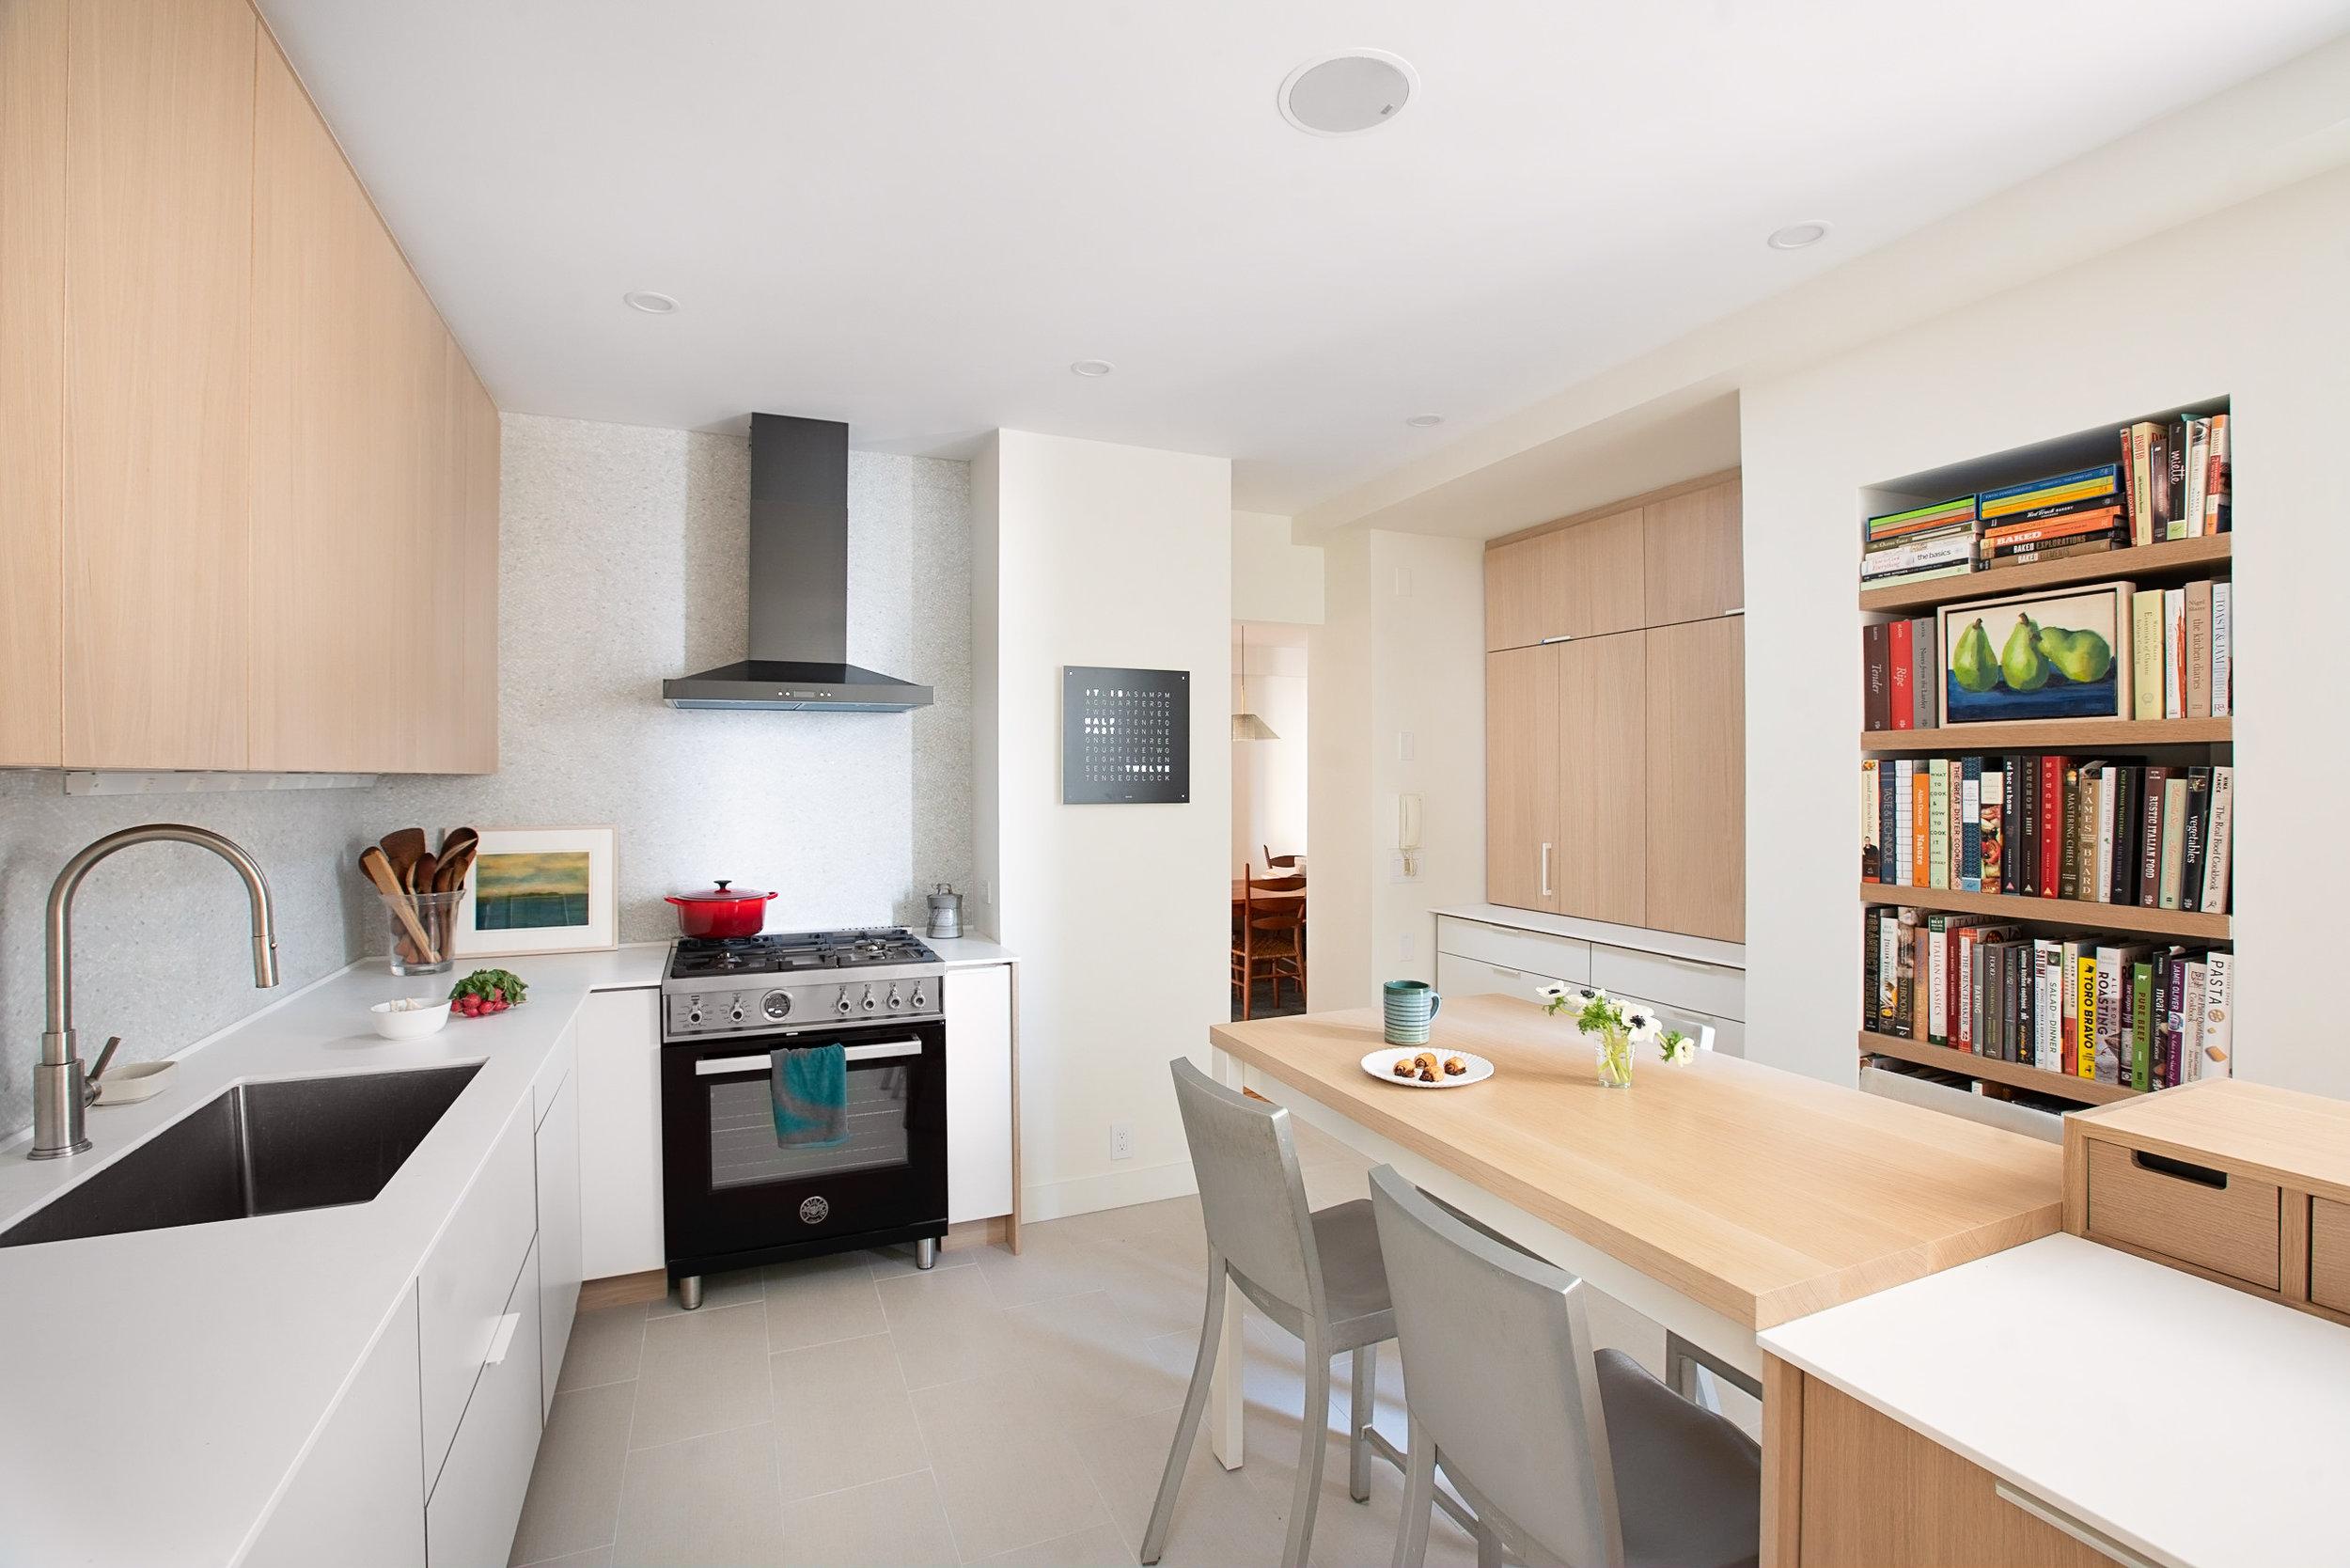 Henrybuilt-Kitchen-Oak-White-Park-Slope-Brooklyn-JMorris-Design.jpg